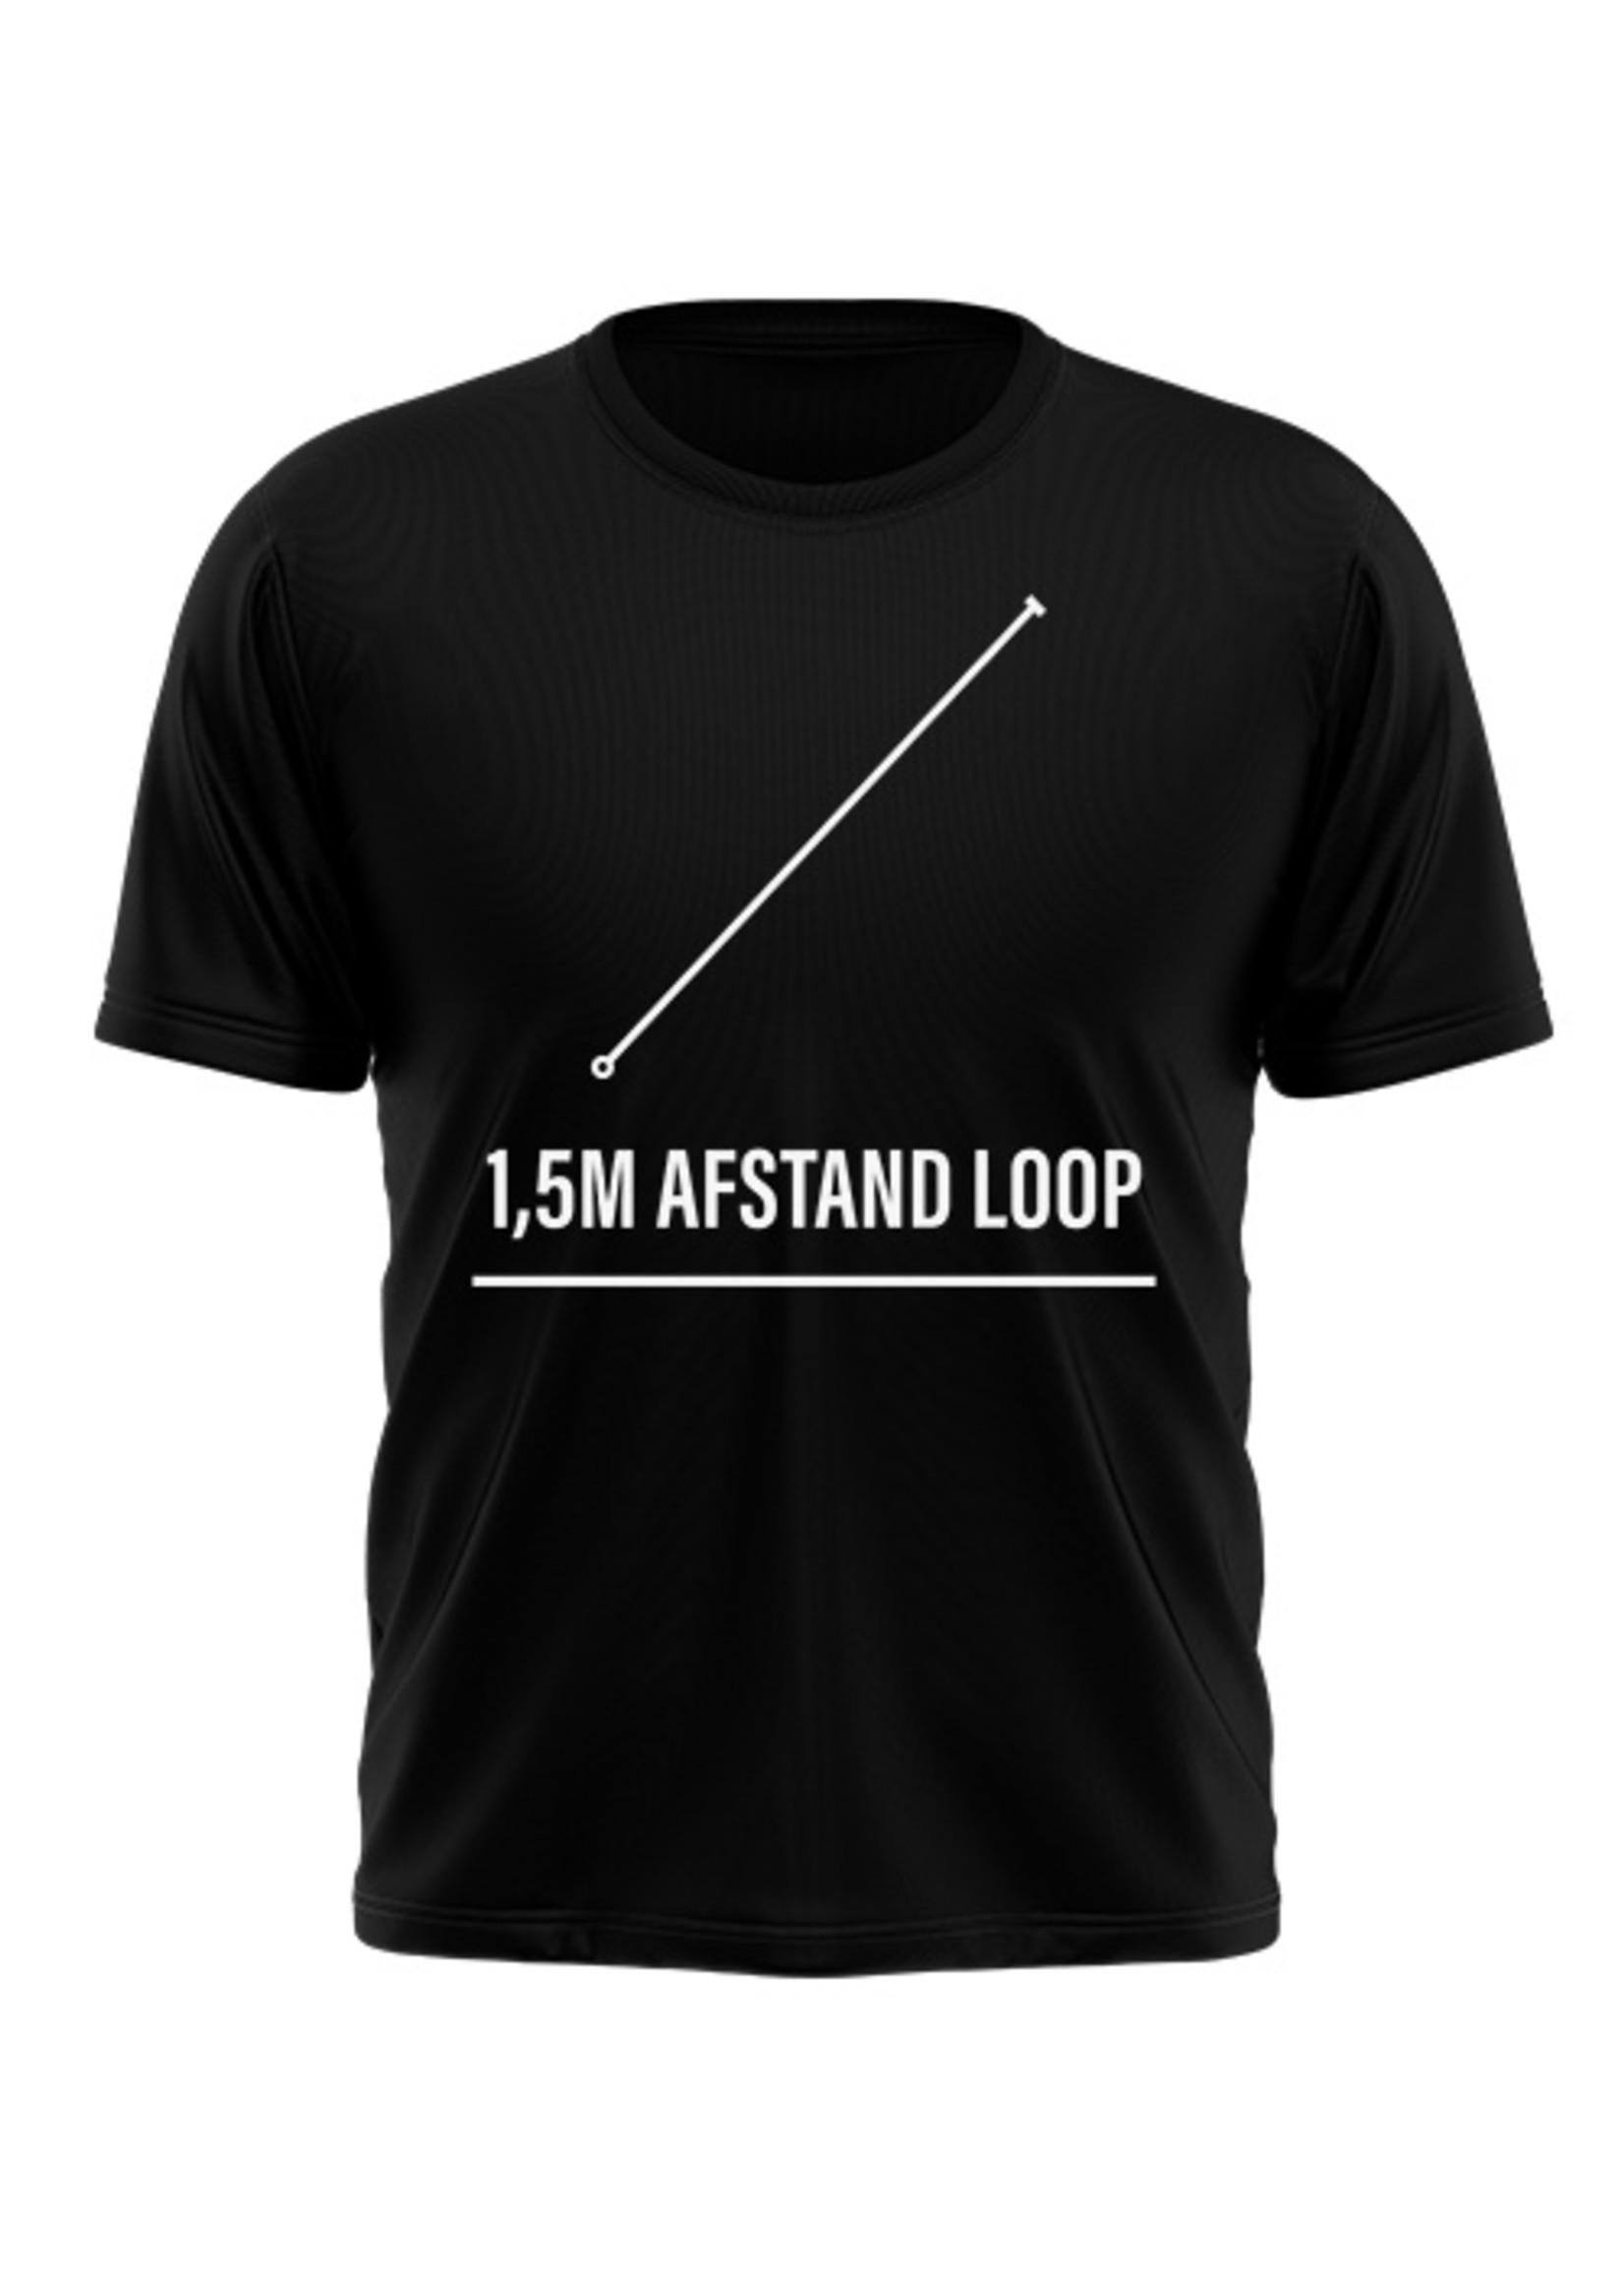 Rebel & Dutch 1,5m afstand loop sportshirt